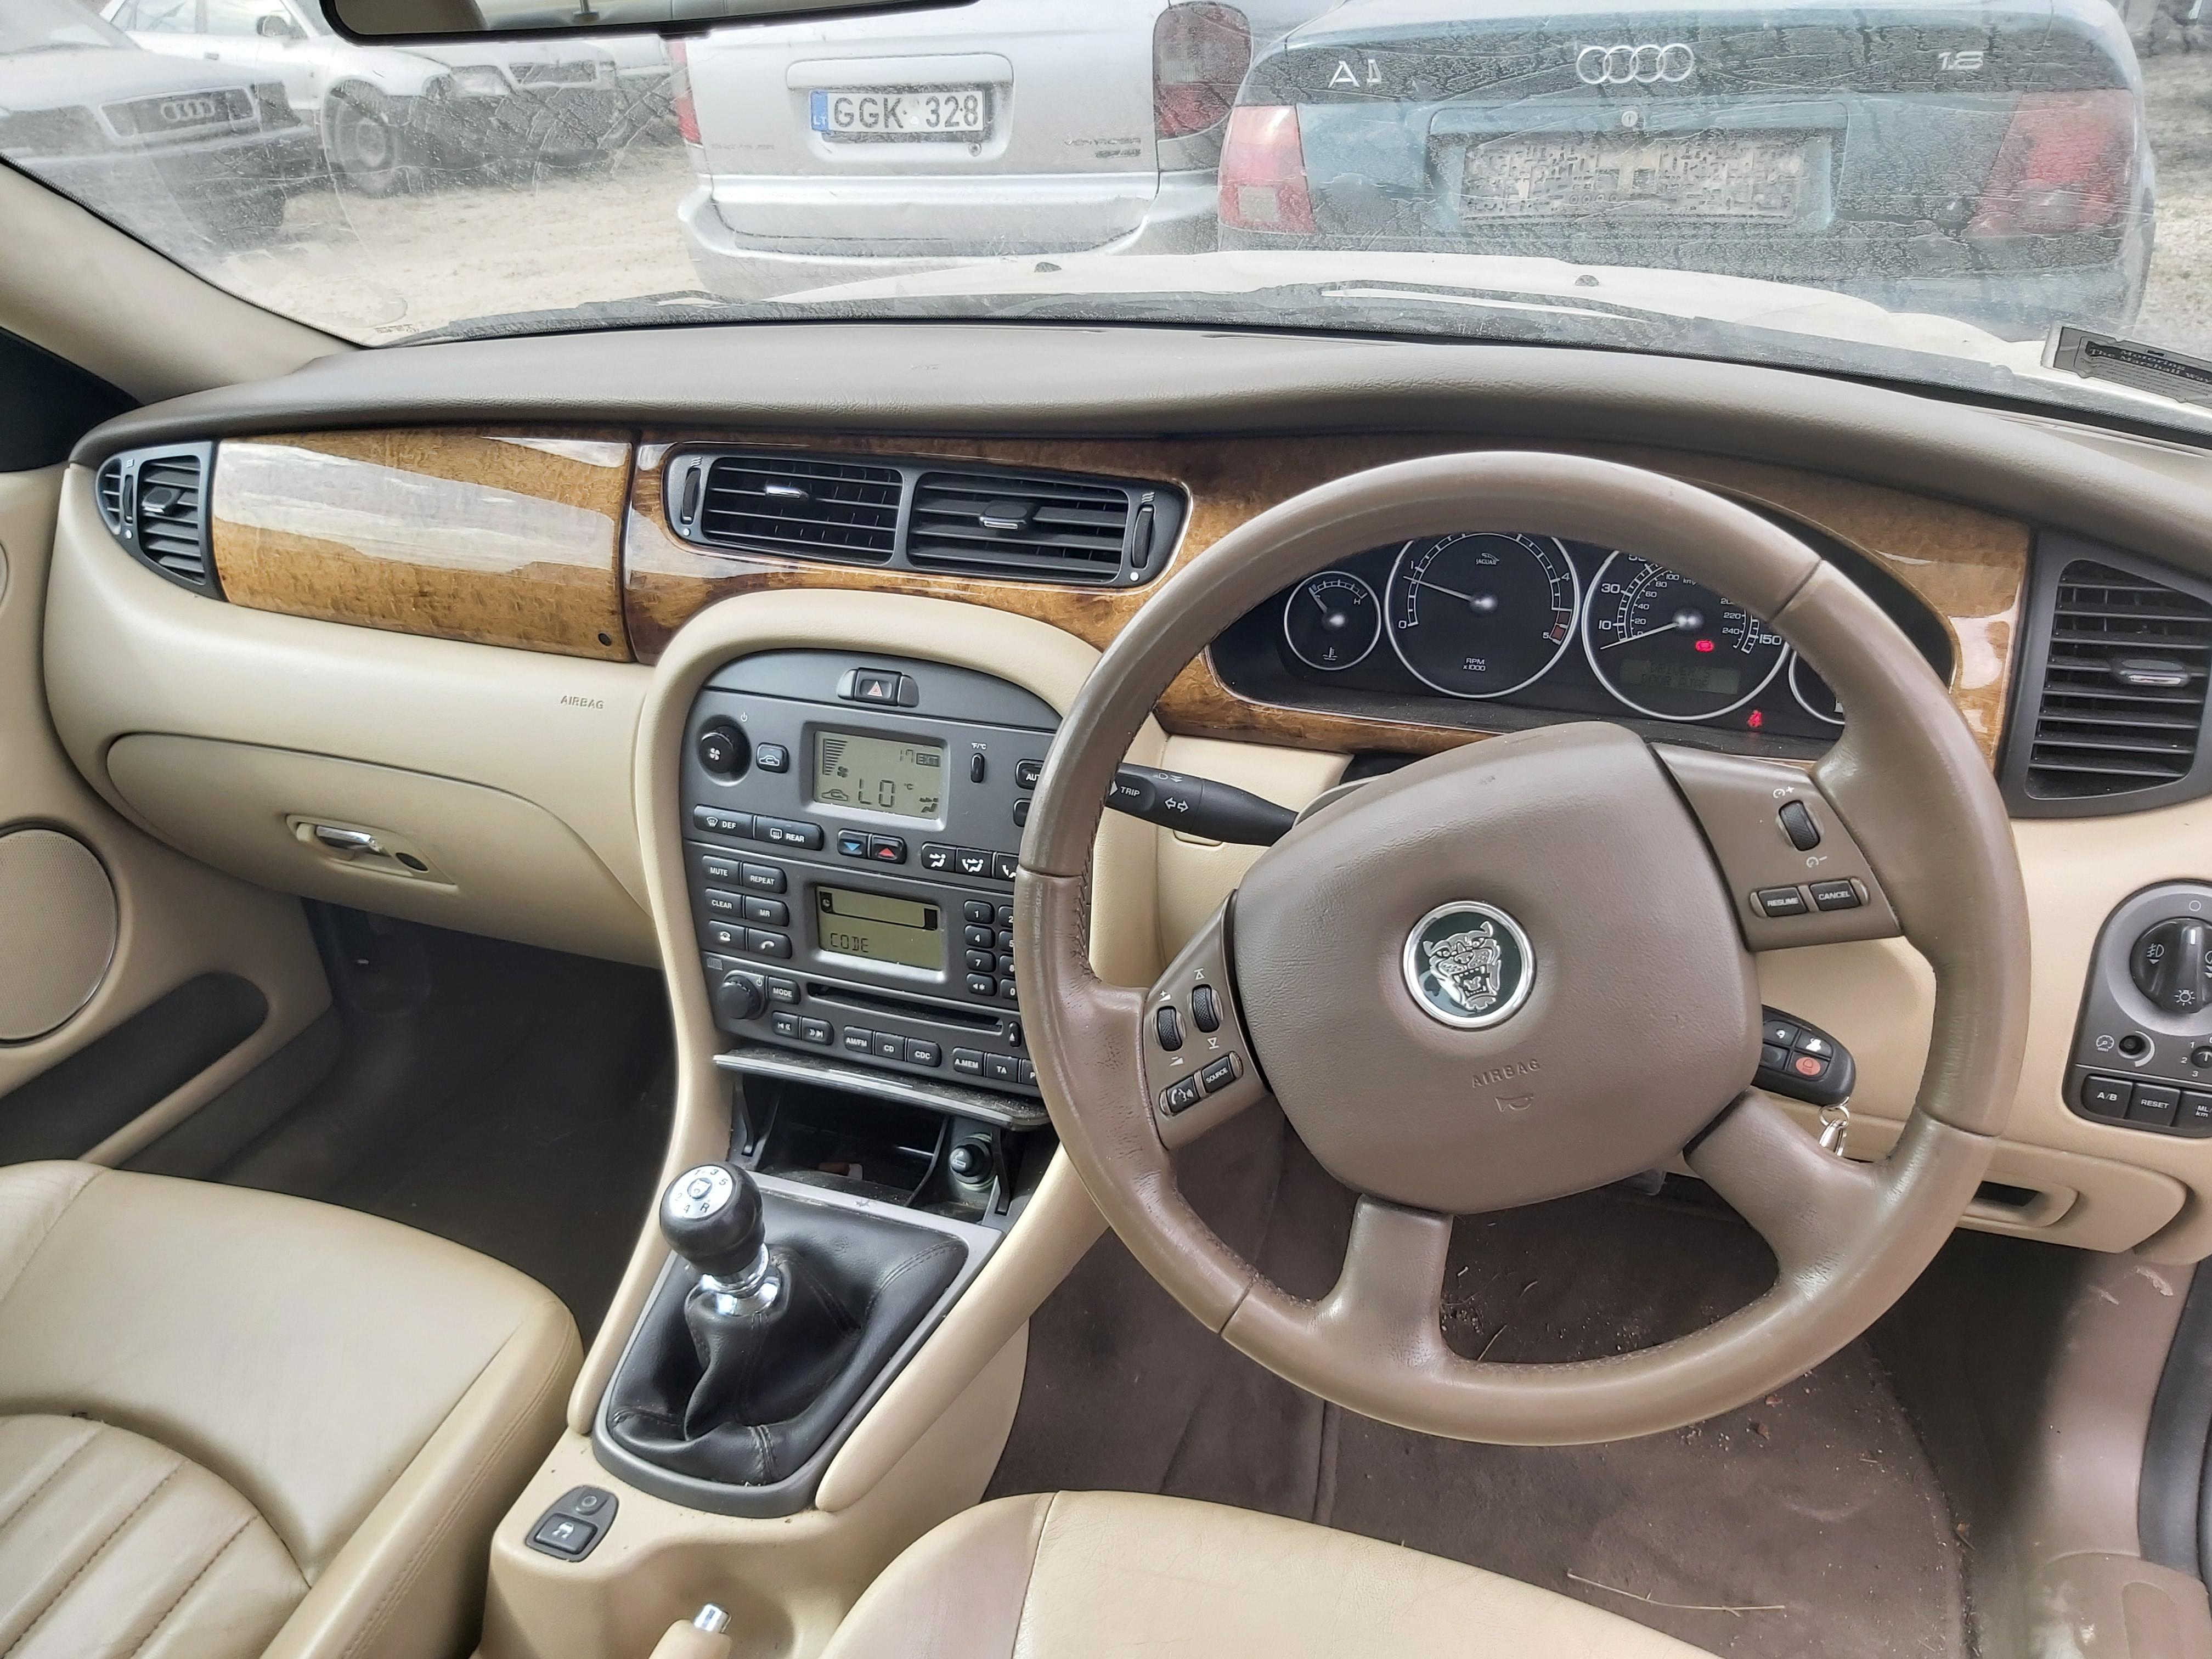 Подержанные Автозапчасти Jaguar X-TYPE 2004 2.0 машиностроение седан 4/5 d. Сэнди 2020-4-24